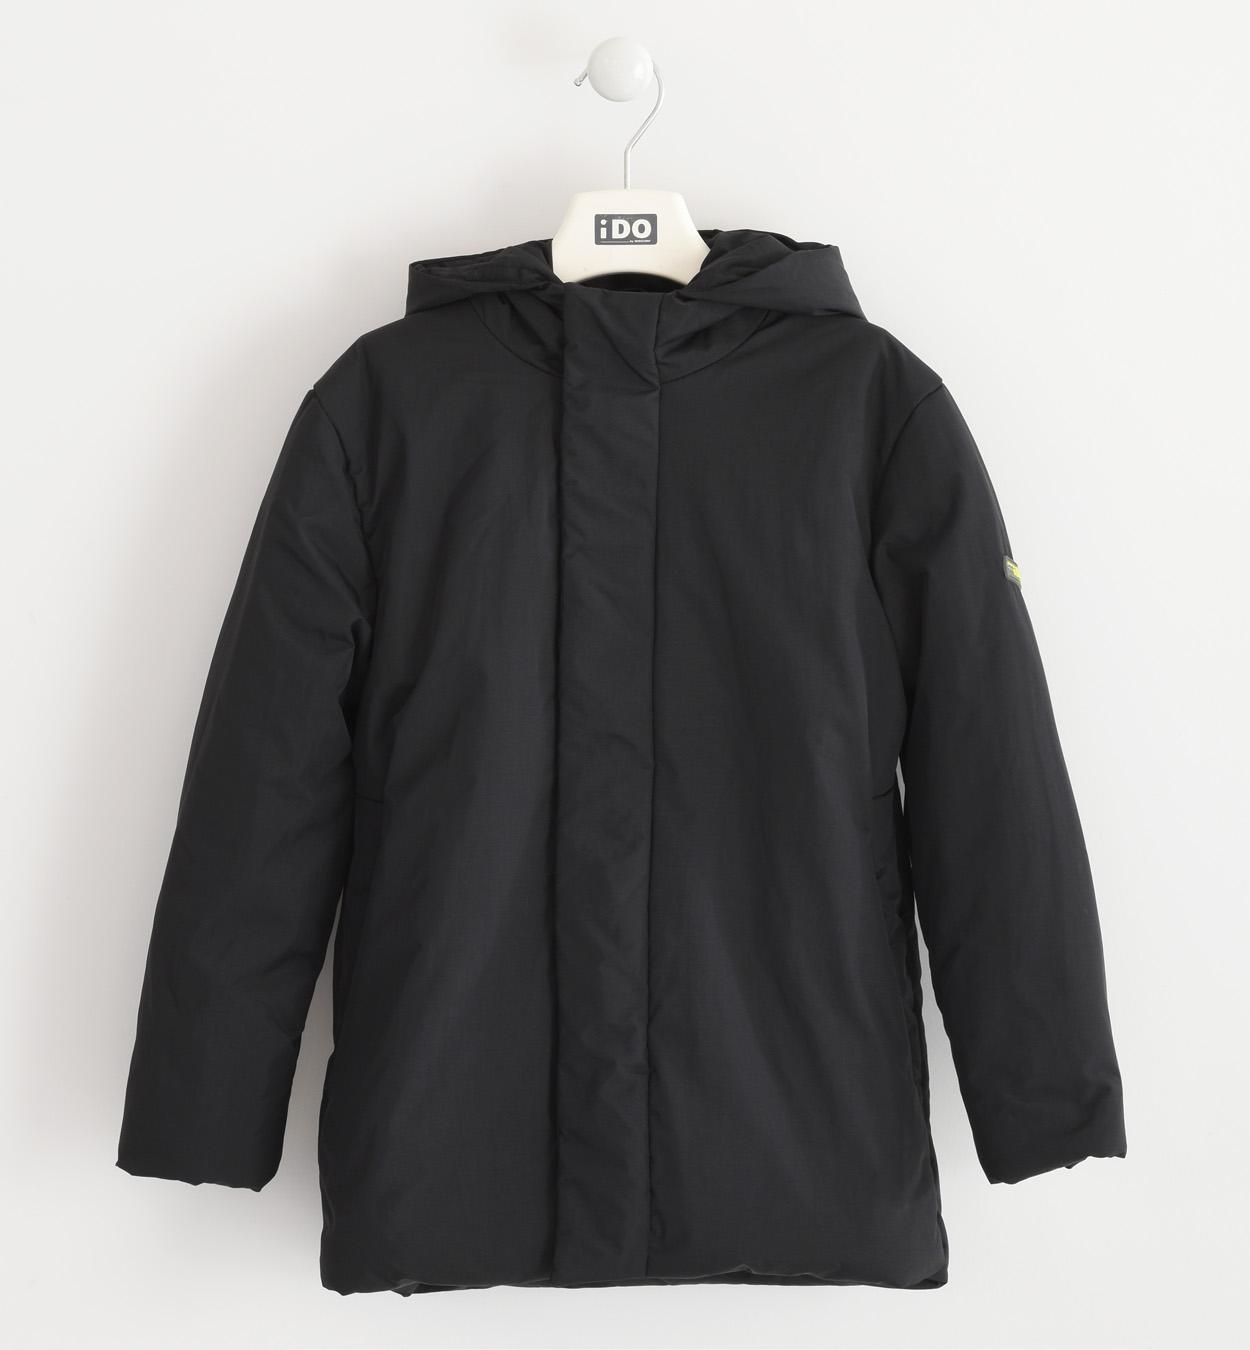 fekete fiú téli kabát